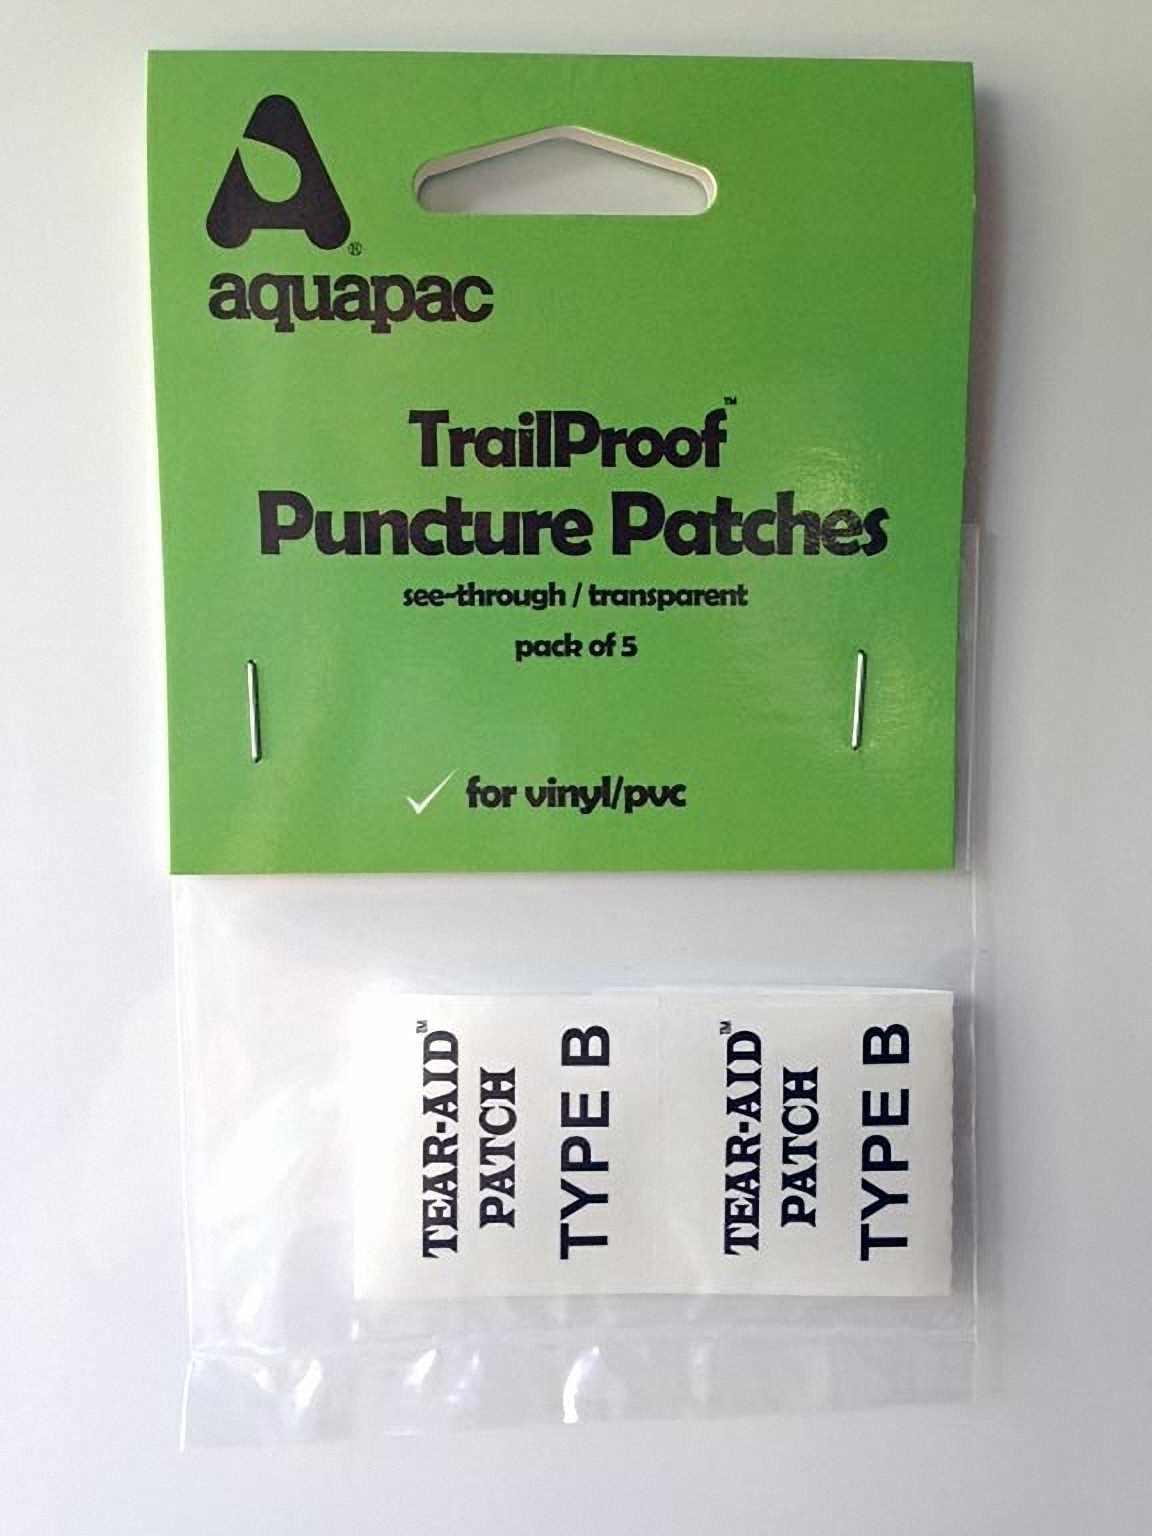 Ремкомплект Aquapac 901 - TrailProof - Puncture Patches.. Aquapac - №1 в мире водонепроницаемых чехлов и сумок. Фото 1